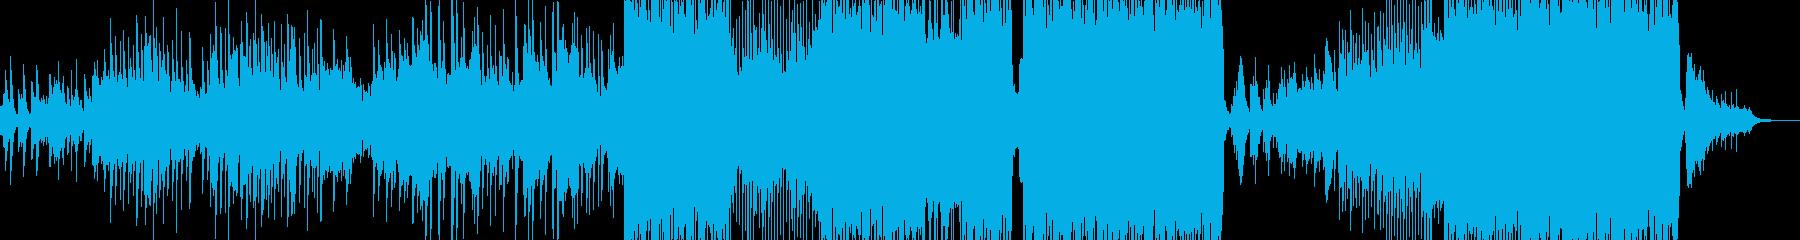 素敵な冬を彩るファンタジーポップ B2の再生済みの波形